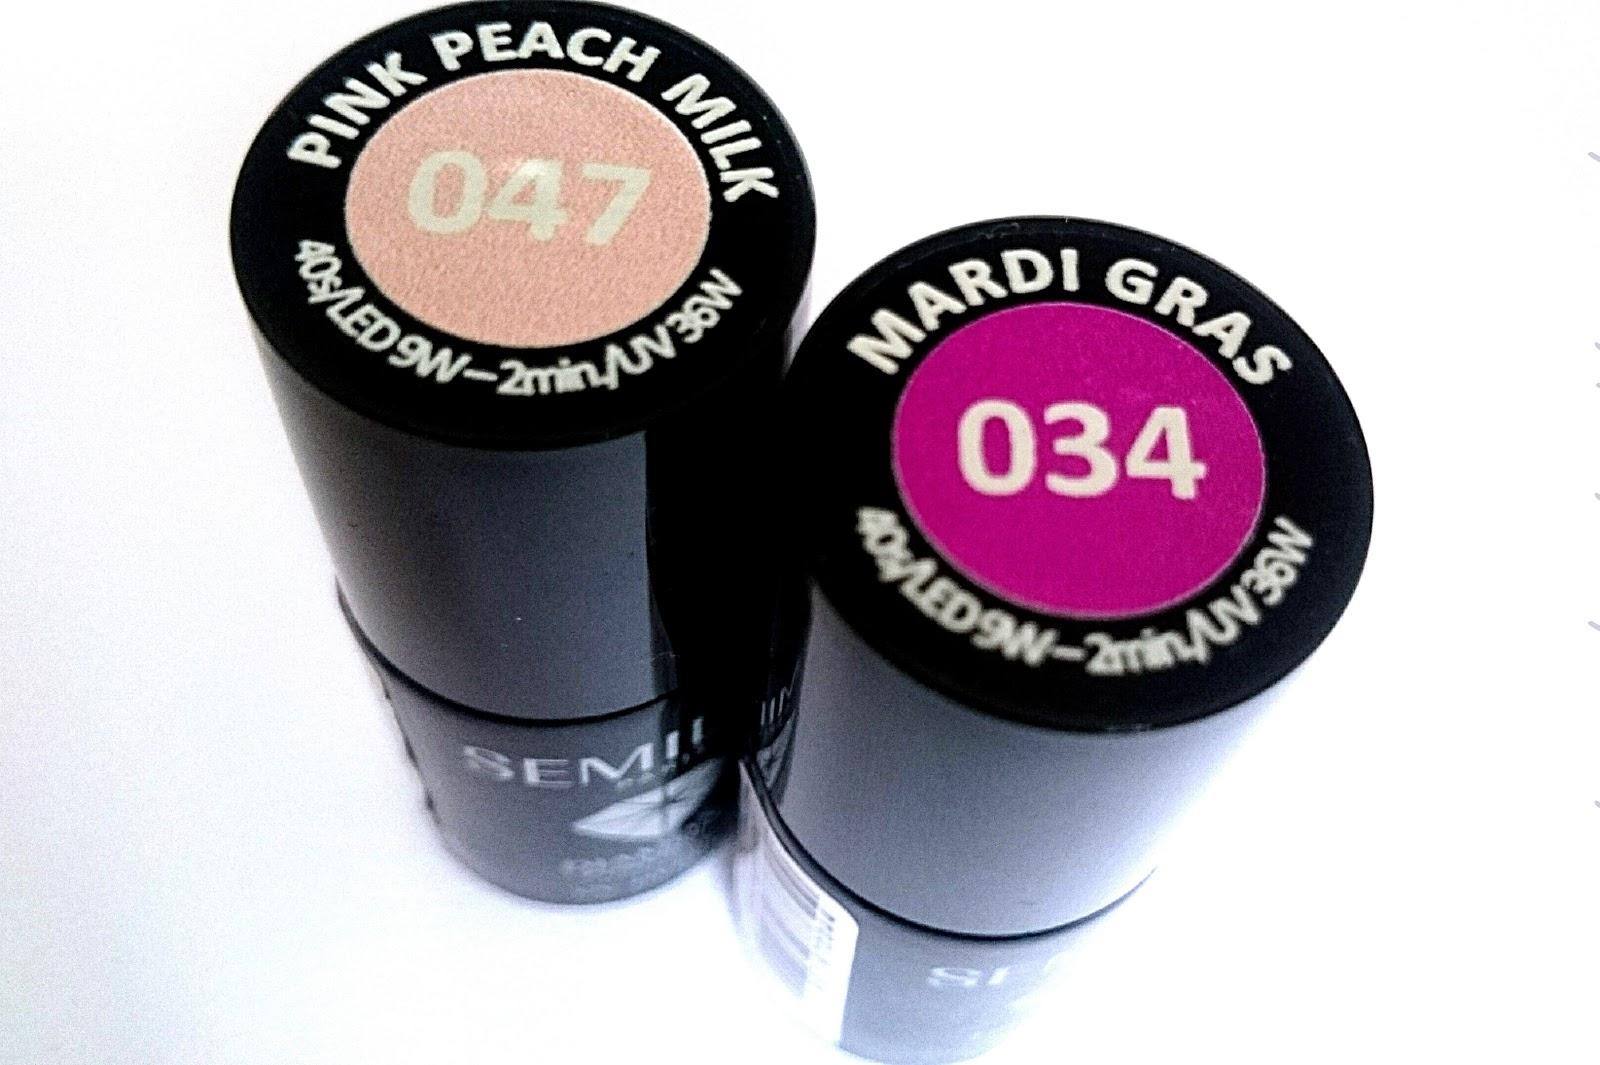 Ombre na paznokciach - Mardi gras i Pink peach milk